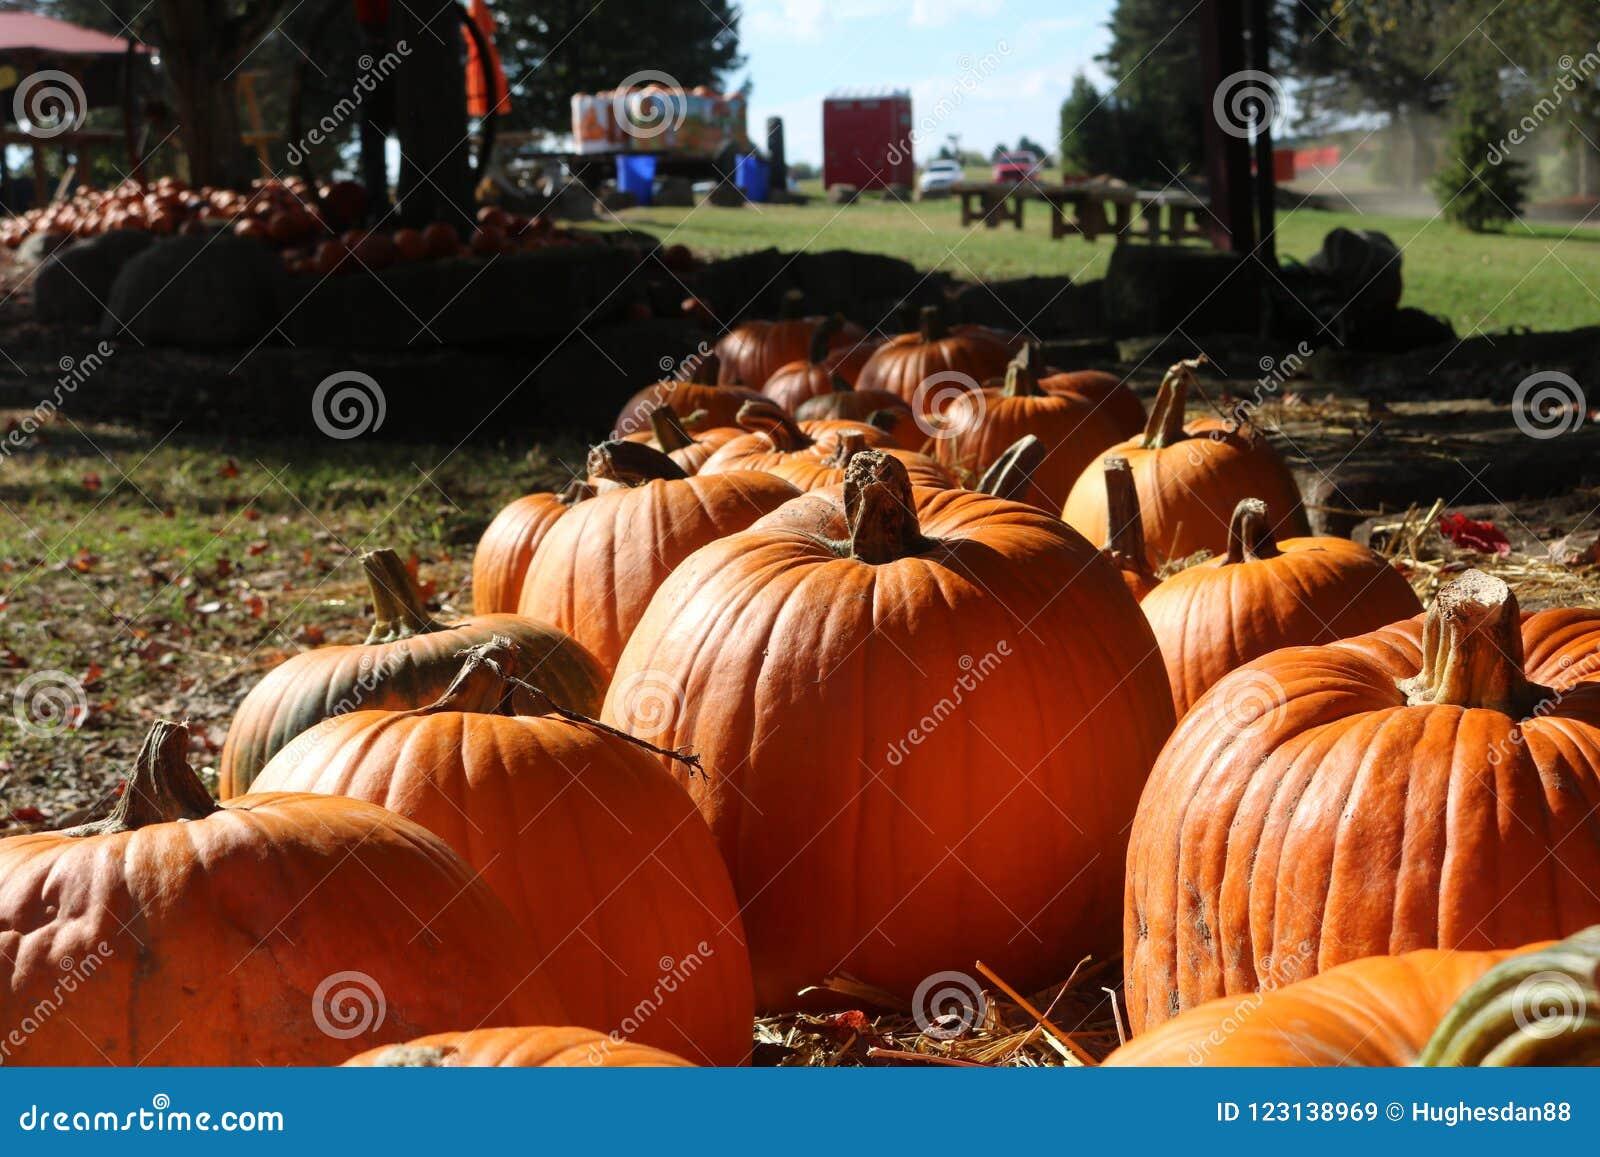 Remiendo de la calabaza en otoño